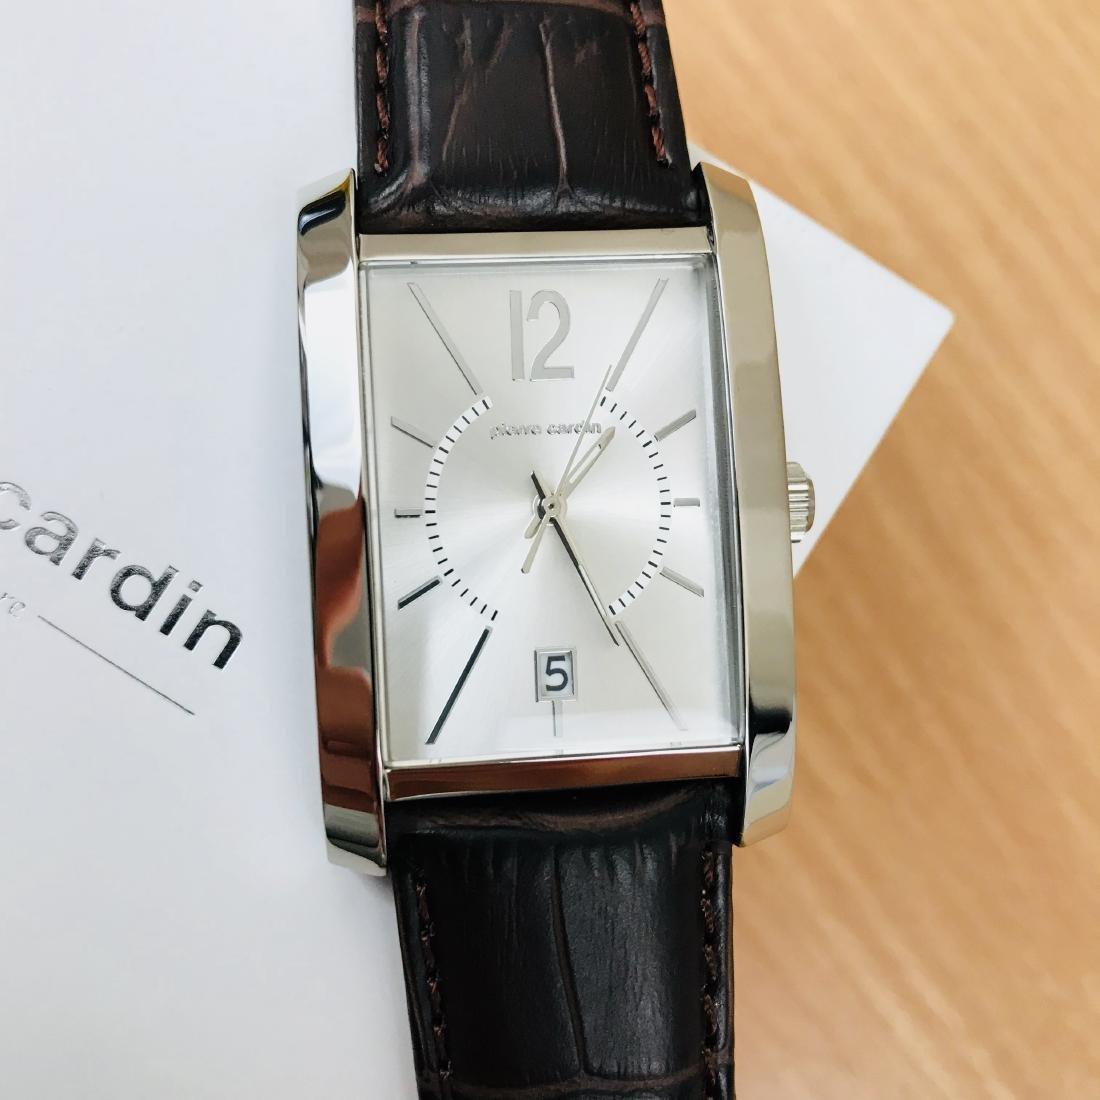 Pierre Cardin – Men's Classic Watch